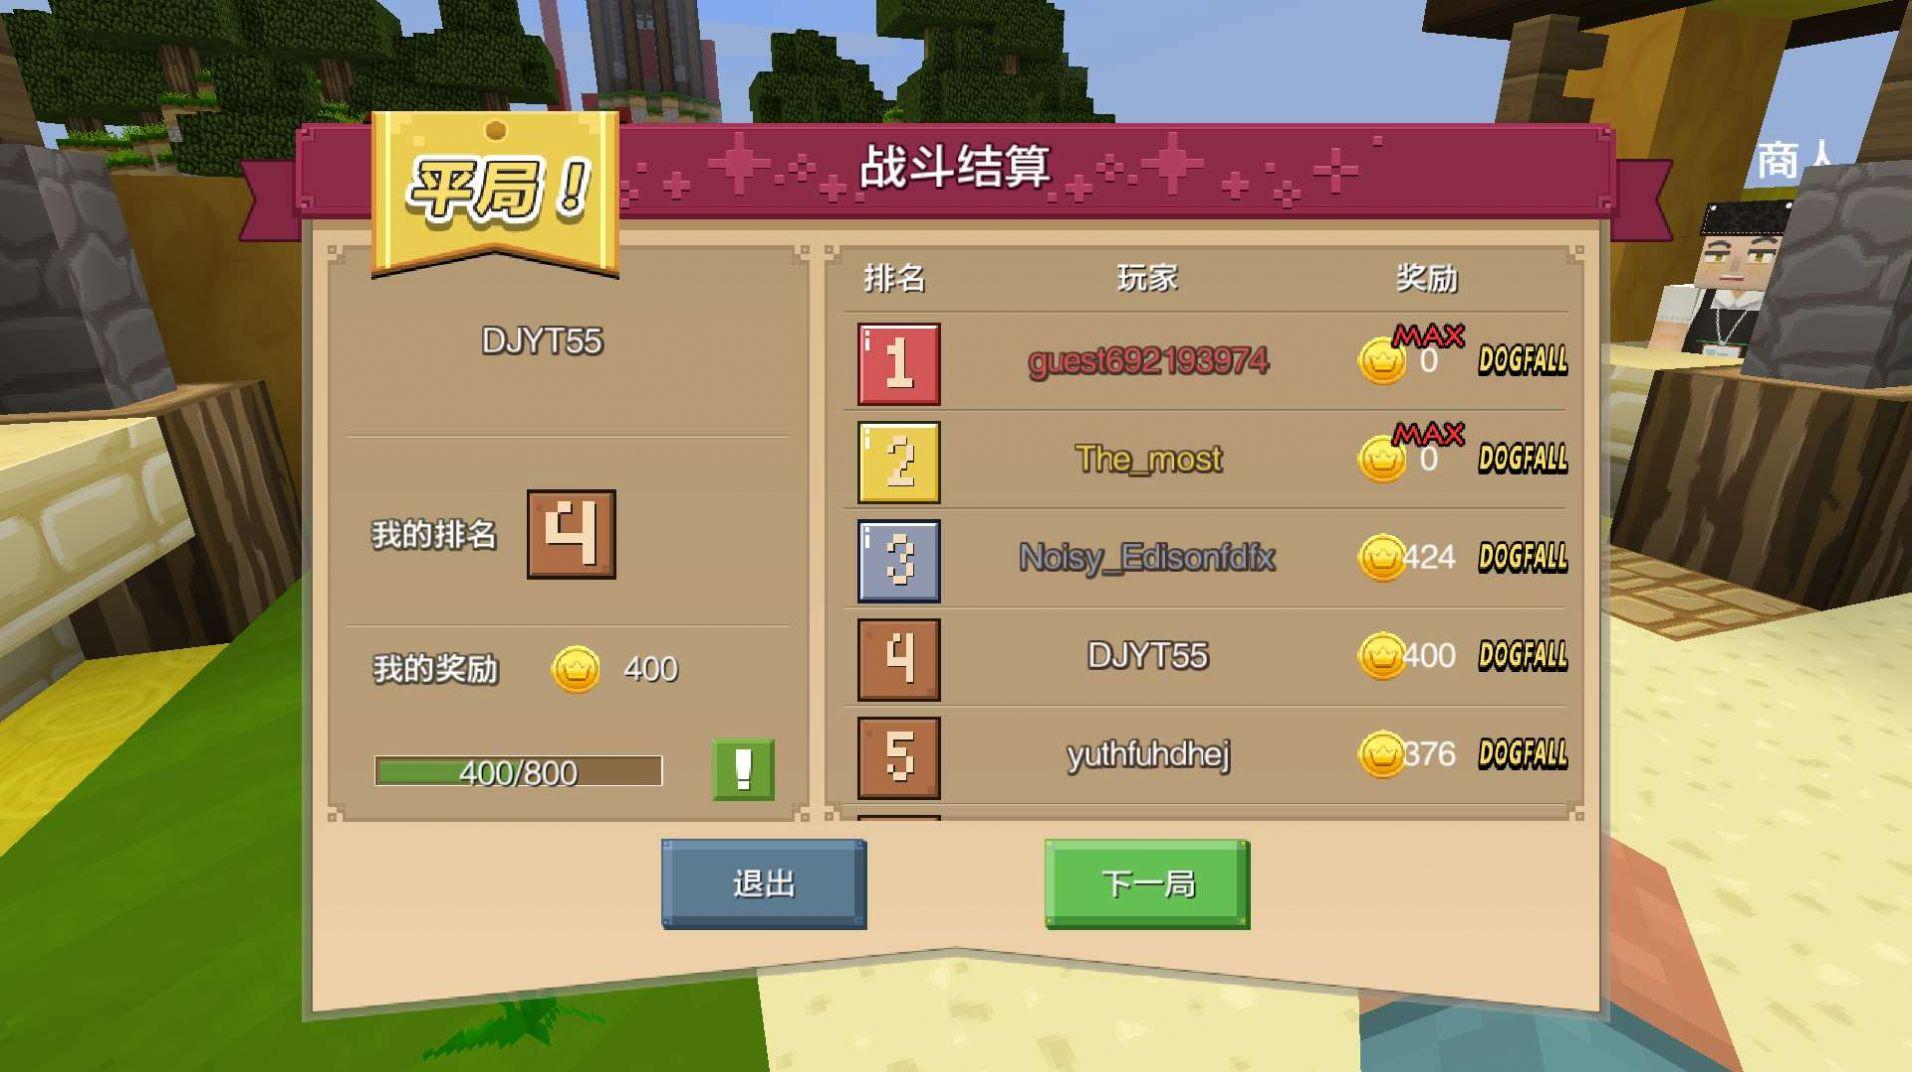 起床战争1.8.3中文版手机版图3: